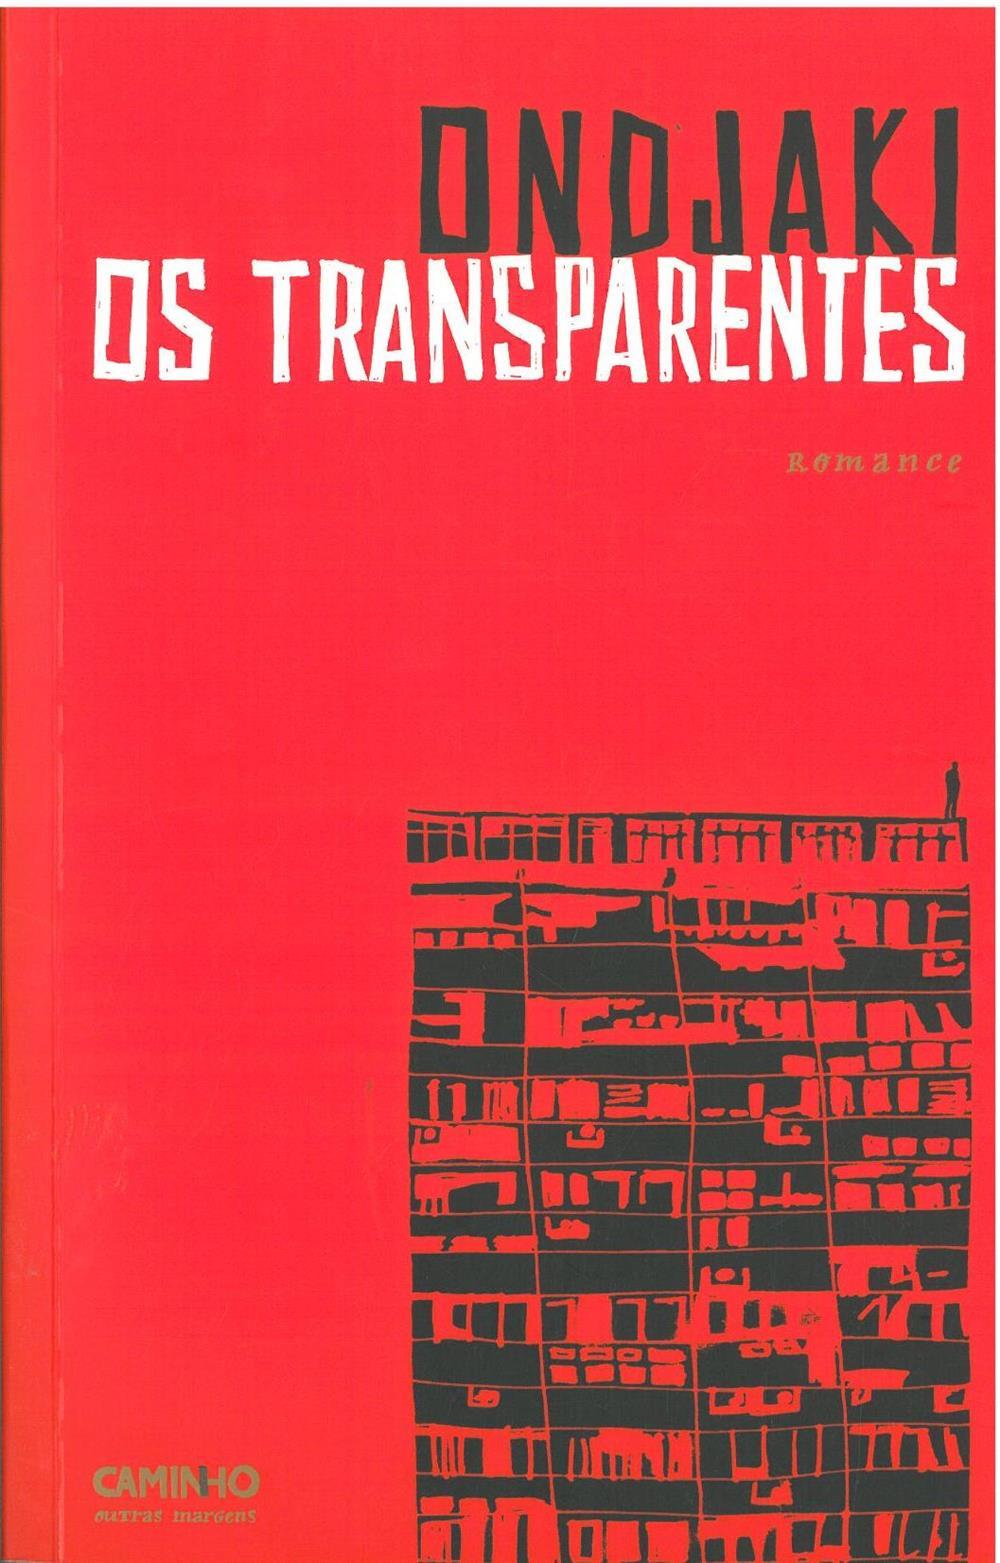 Os transparentes_.jpg